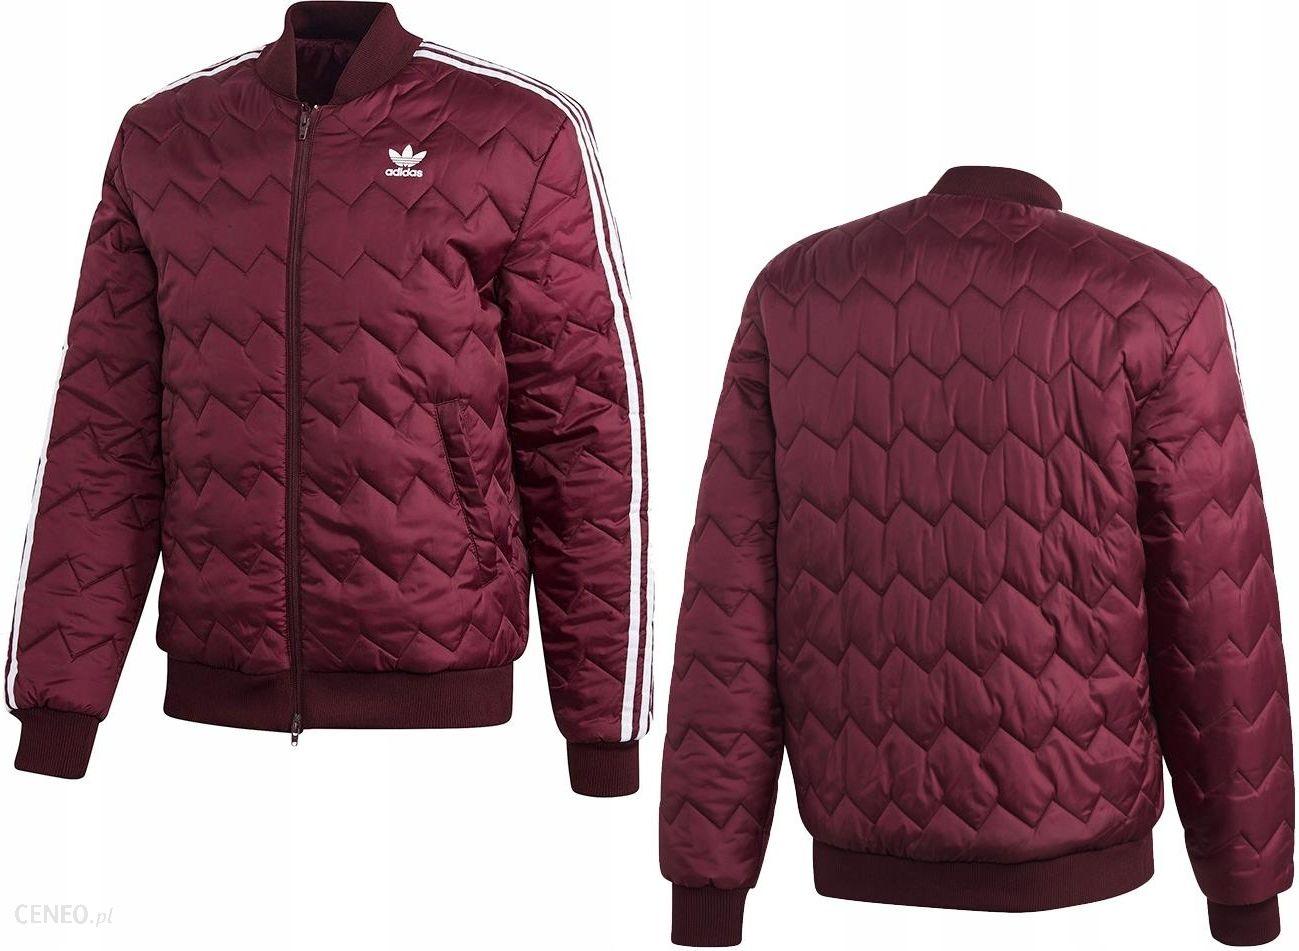 Adidas Originals kurtka męska SST Qualited roz. M Ceny i opinie Ceneo.pl